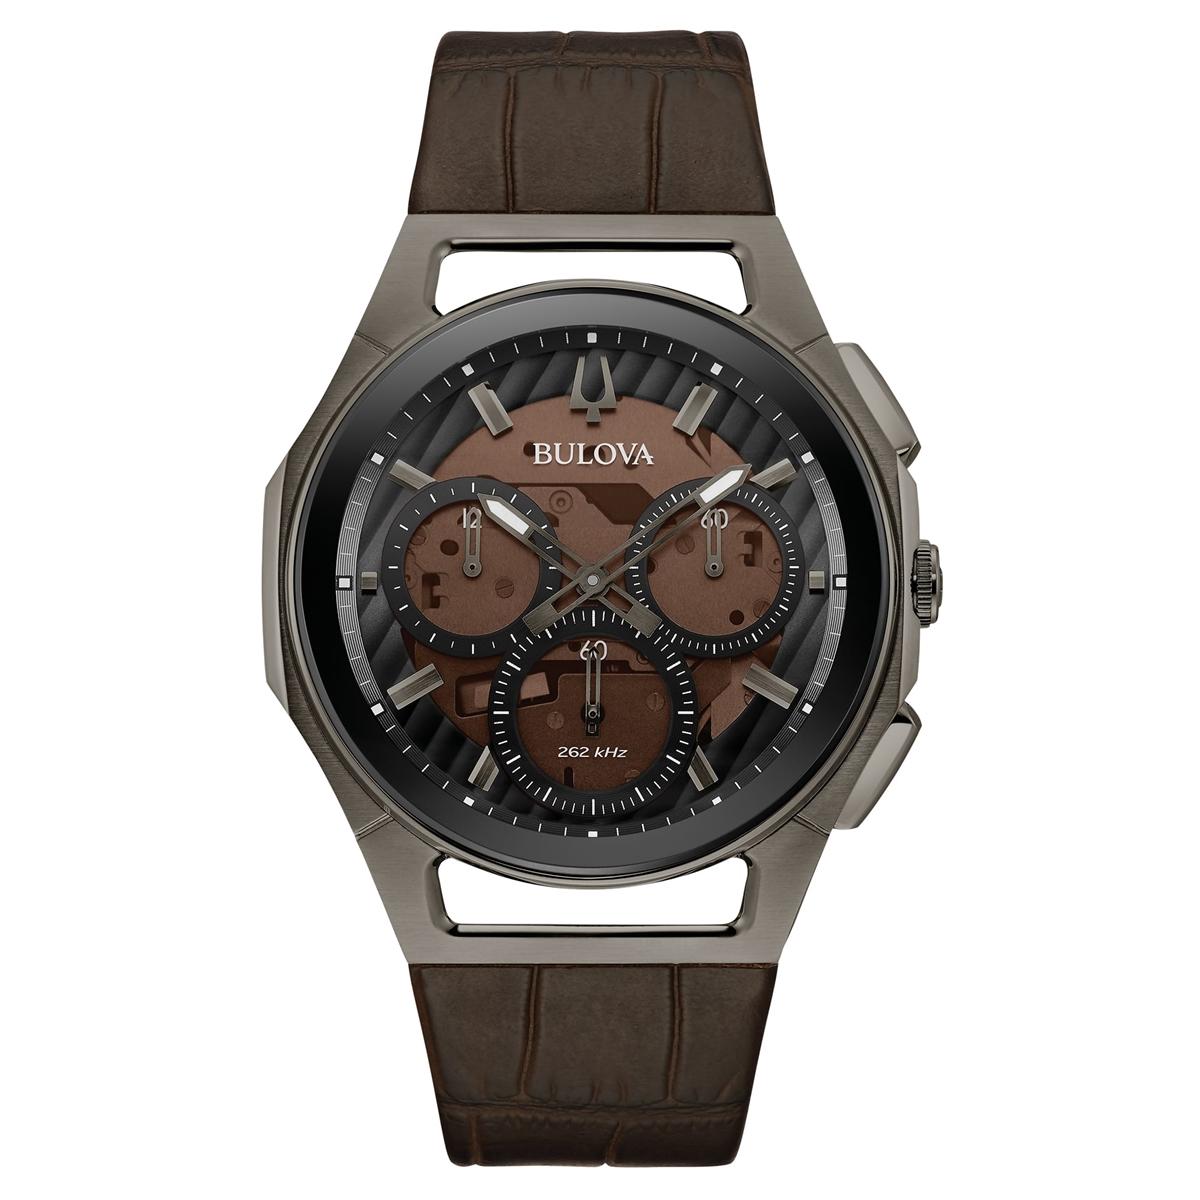 【5/10までオリジナルトラベルクロックをプレゼント】 ブローバ BULOVA 98A231 カーブ プログレッシブ スポーツ クロノグラフ 正規品 腕時計